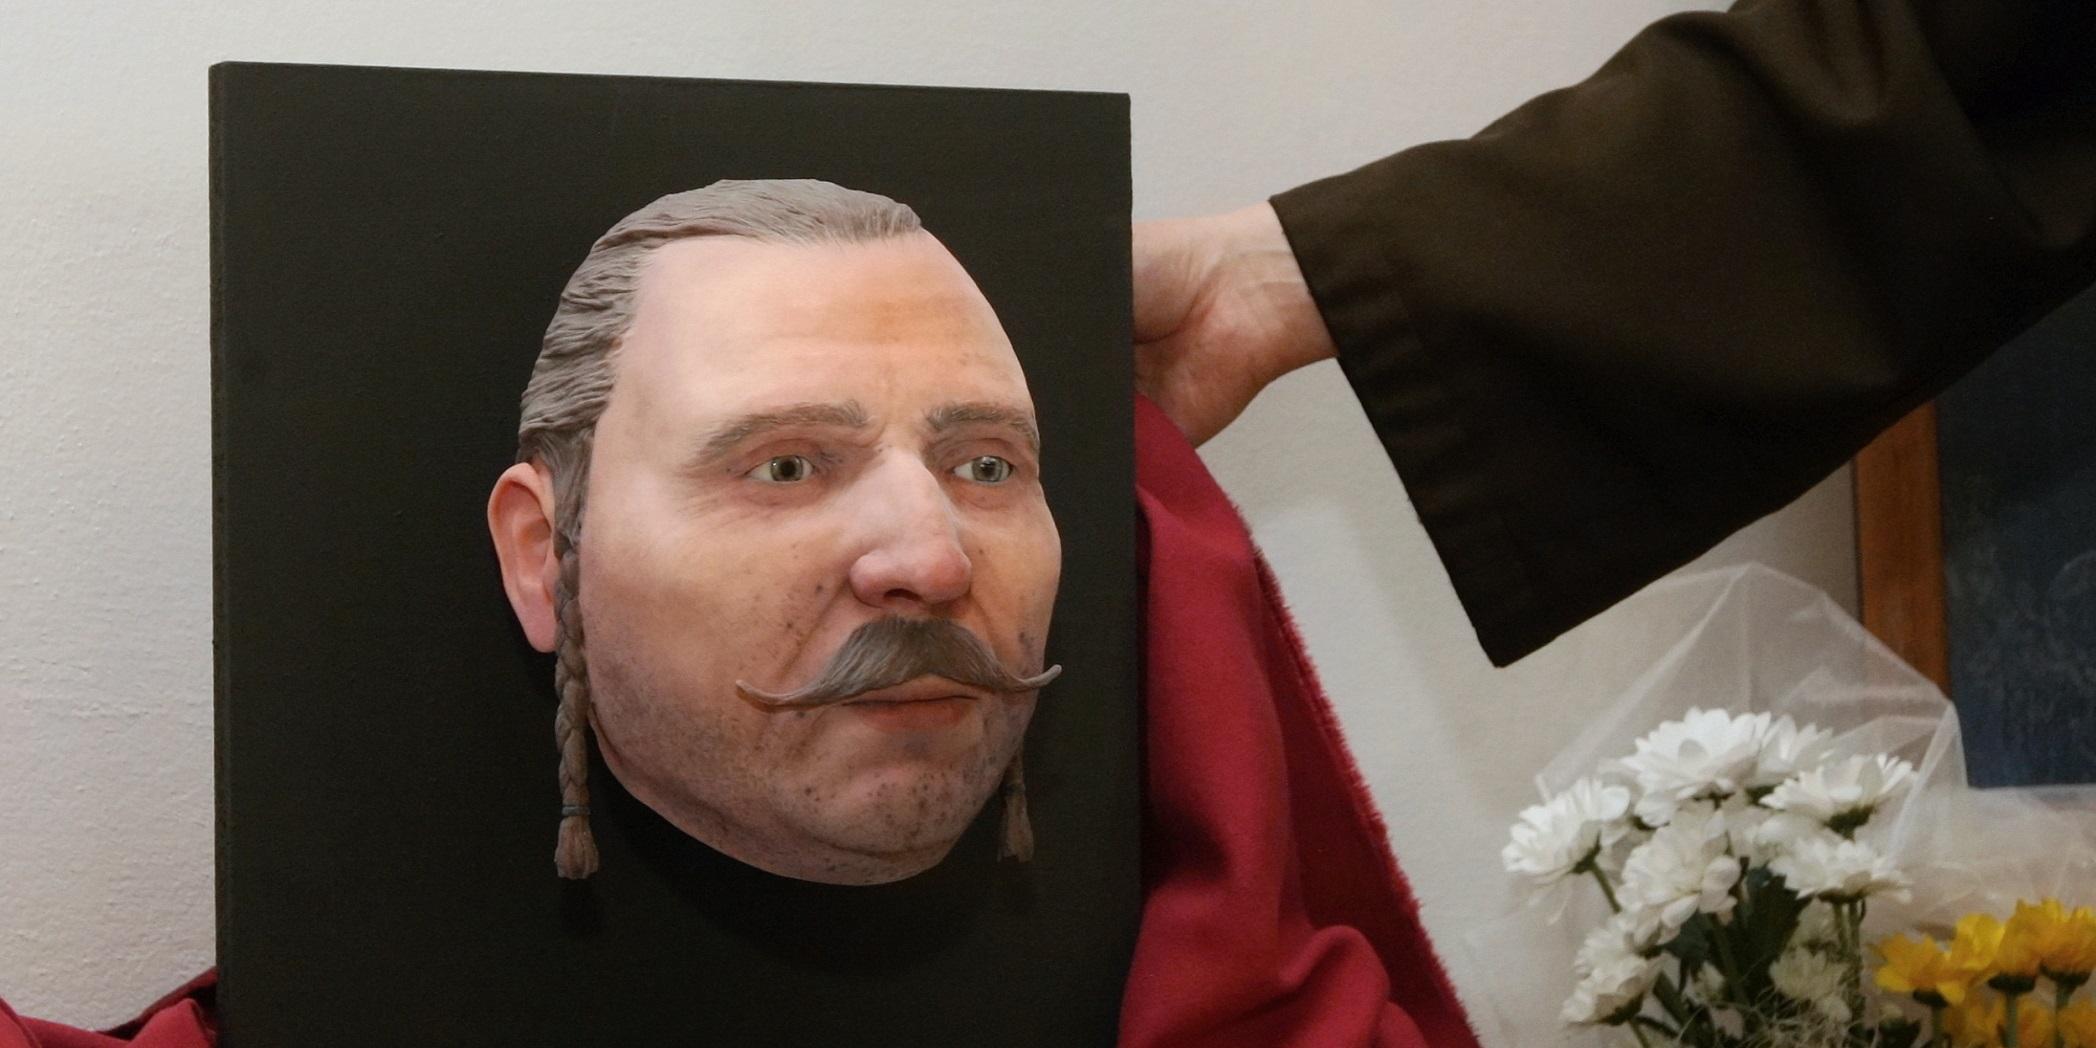 Orlí nos a nesouměrný obličej. Antropologové odkryli tvář barona Trencka